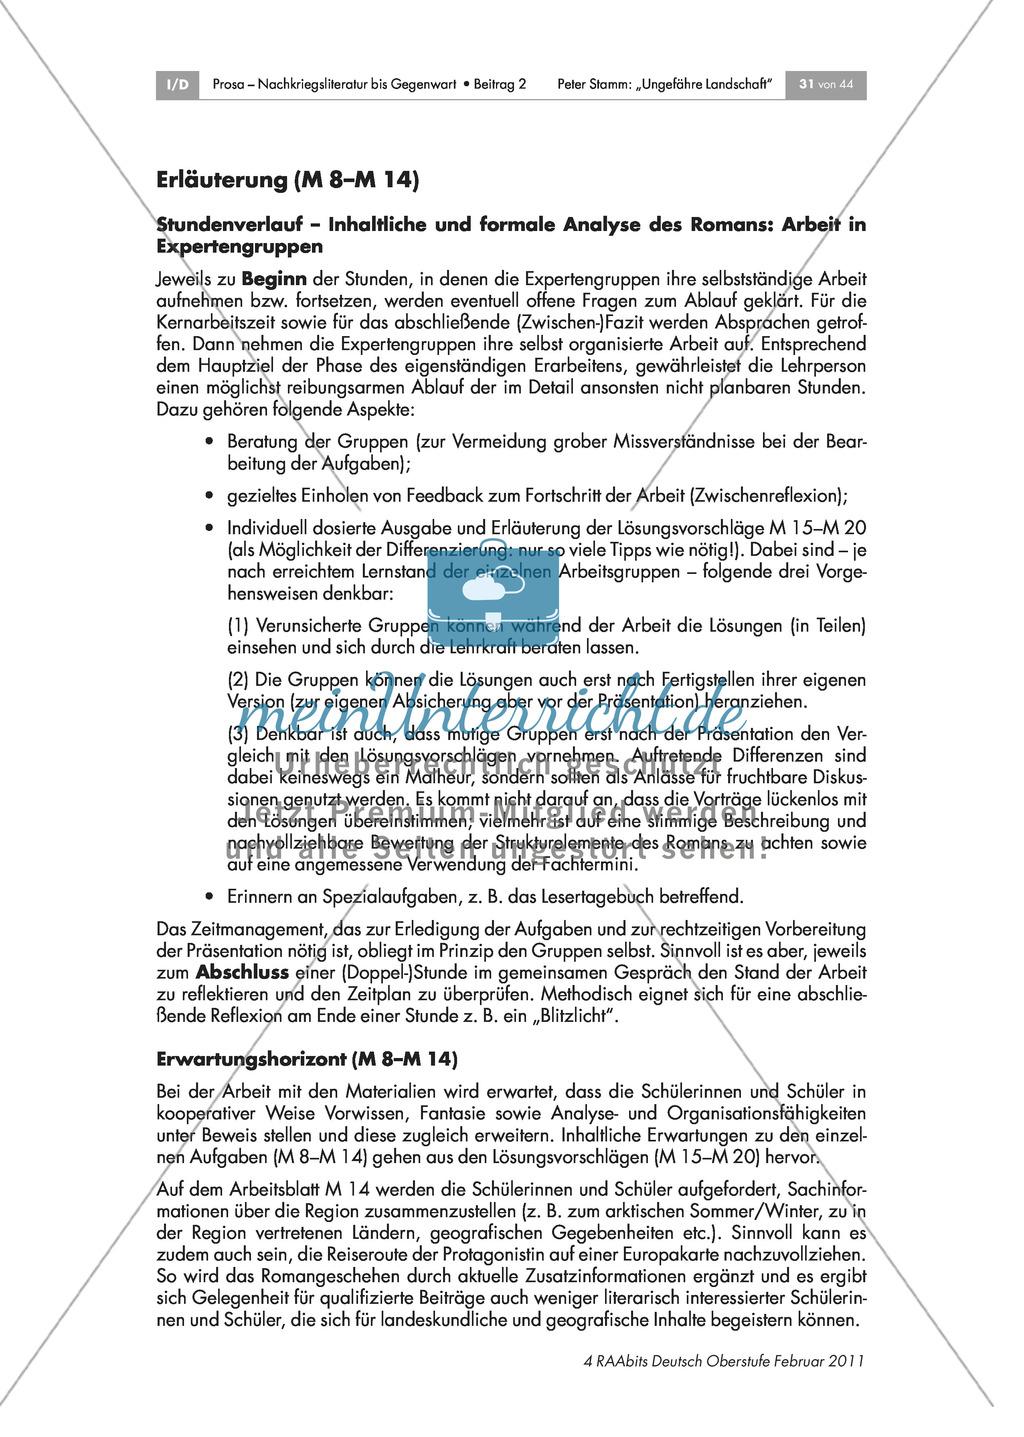 Inhaltliche und formale Analyse des Romans - Arbeit in Expertengruppen Preview 8